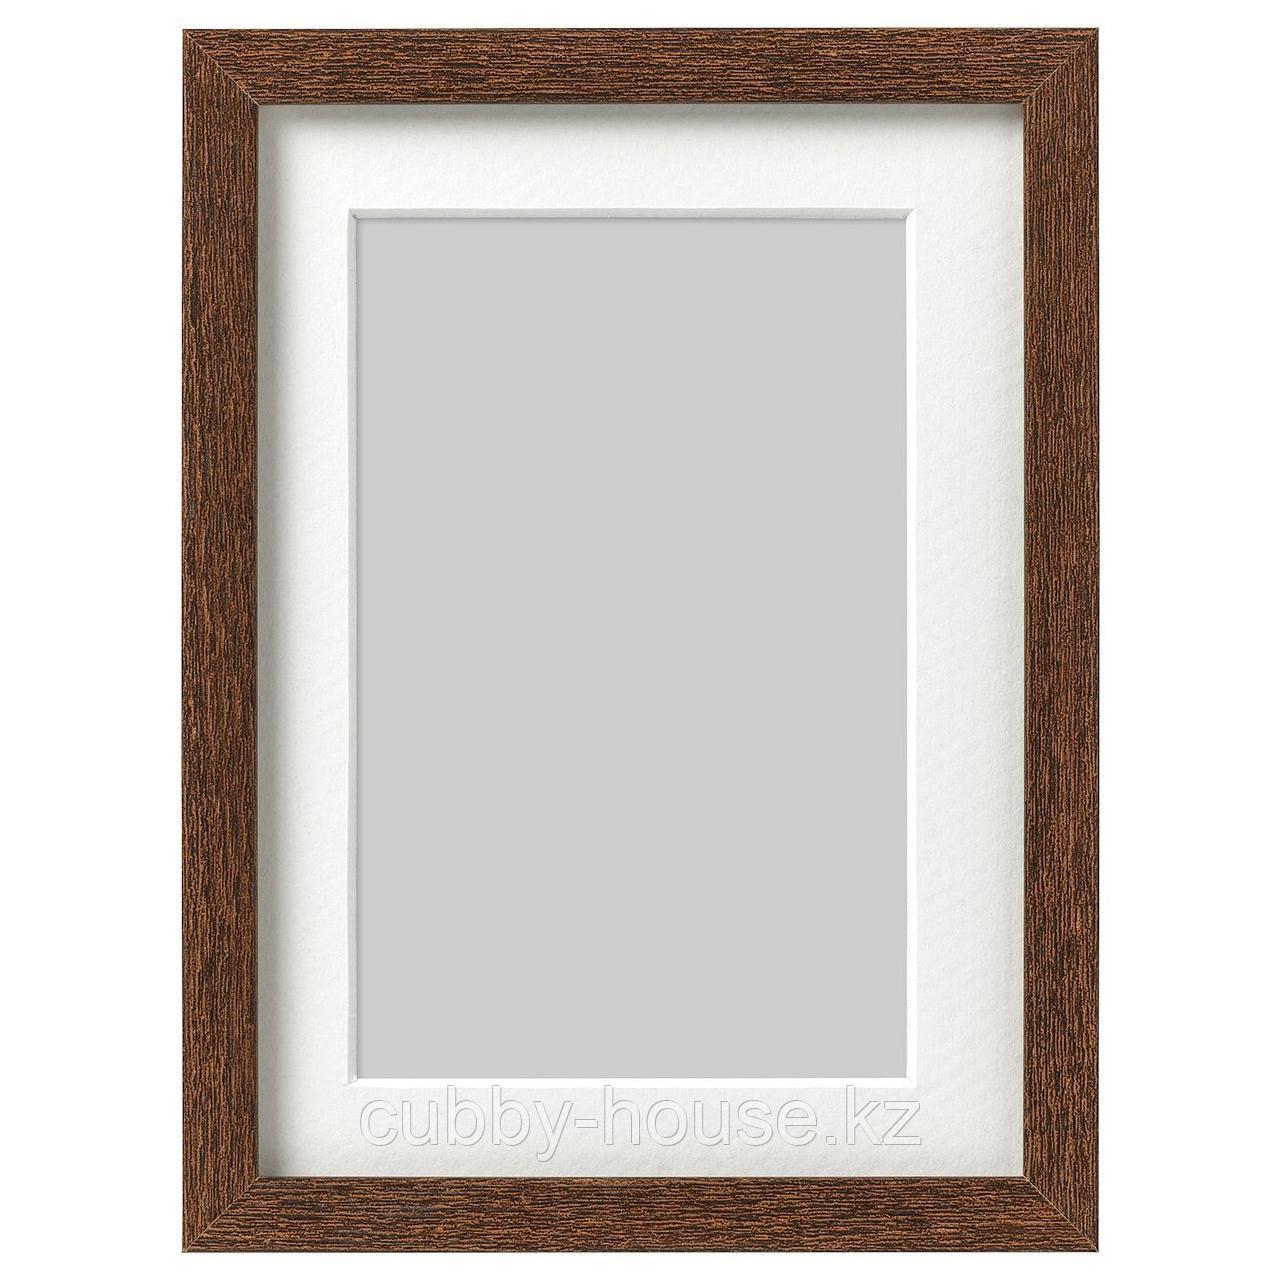 ХОВСТА Рама, классический коричневый, 30x40 см